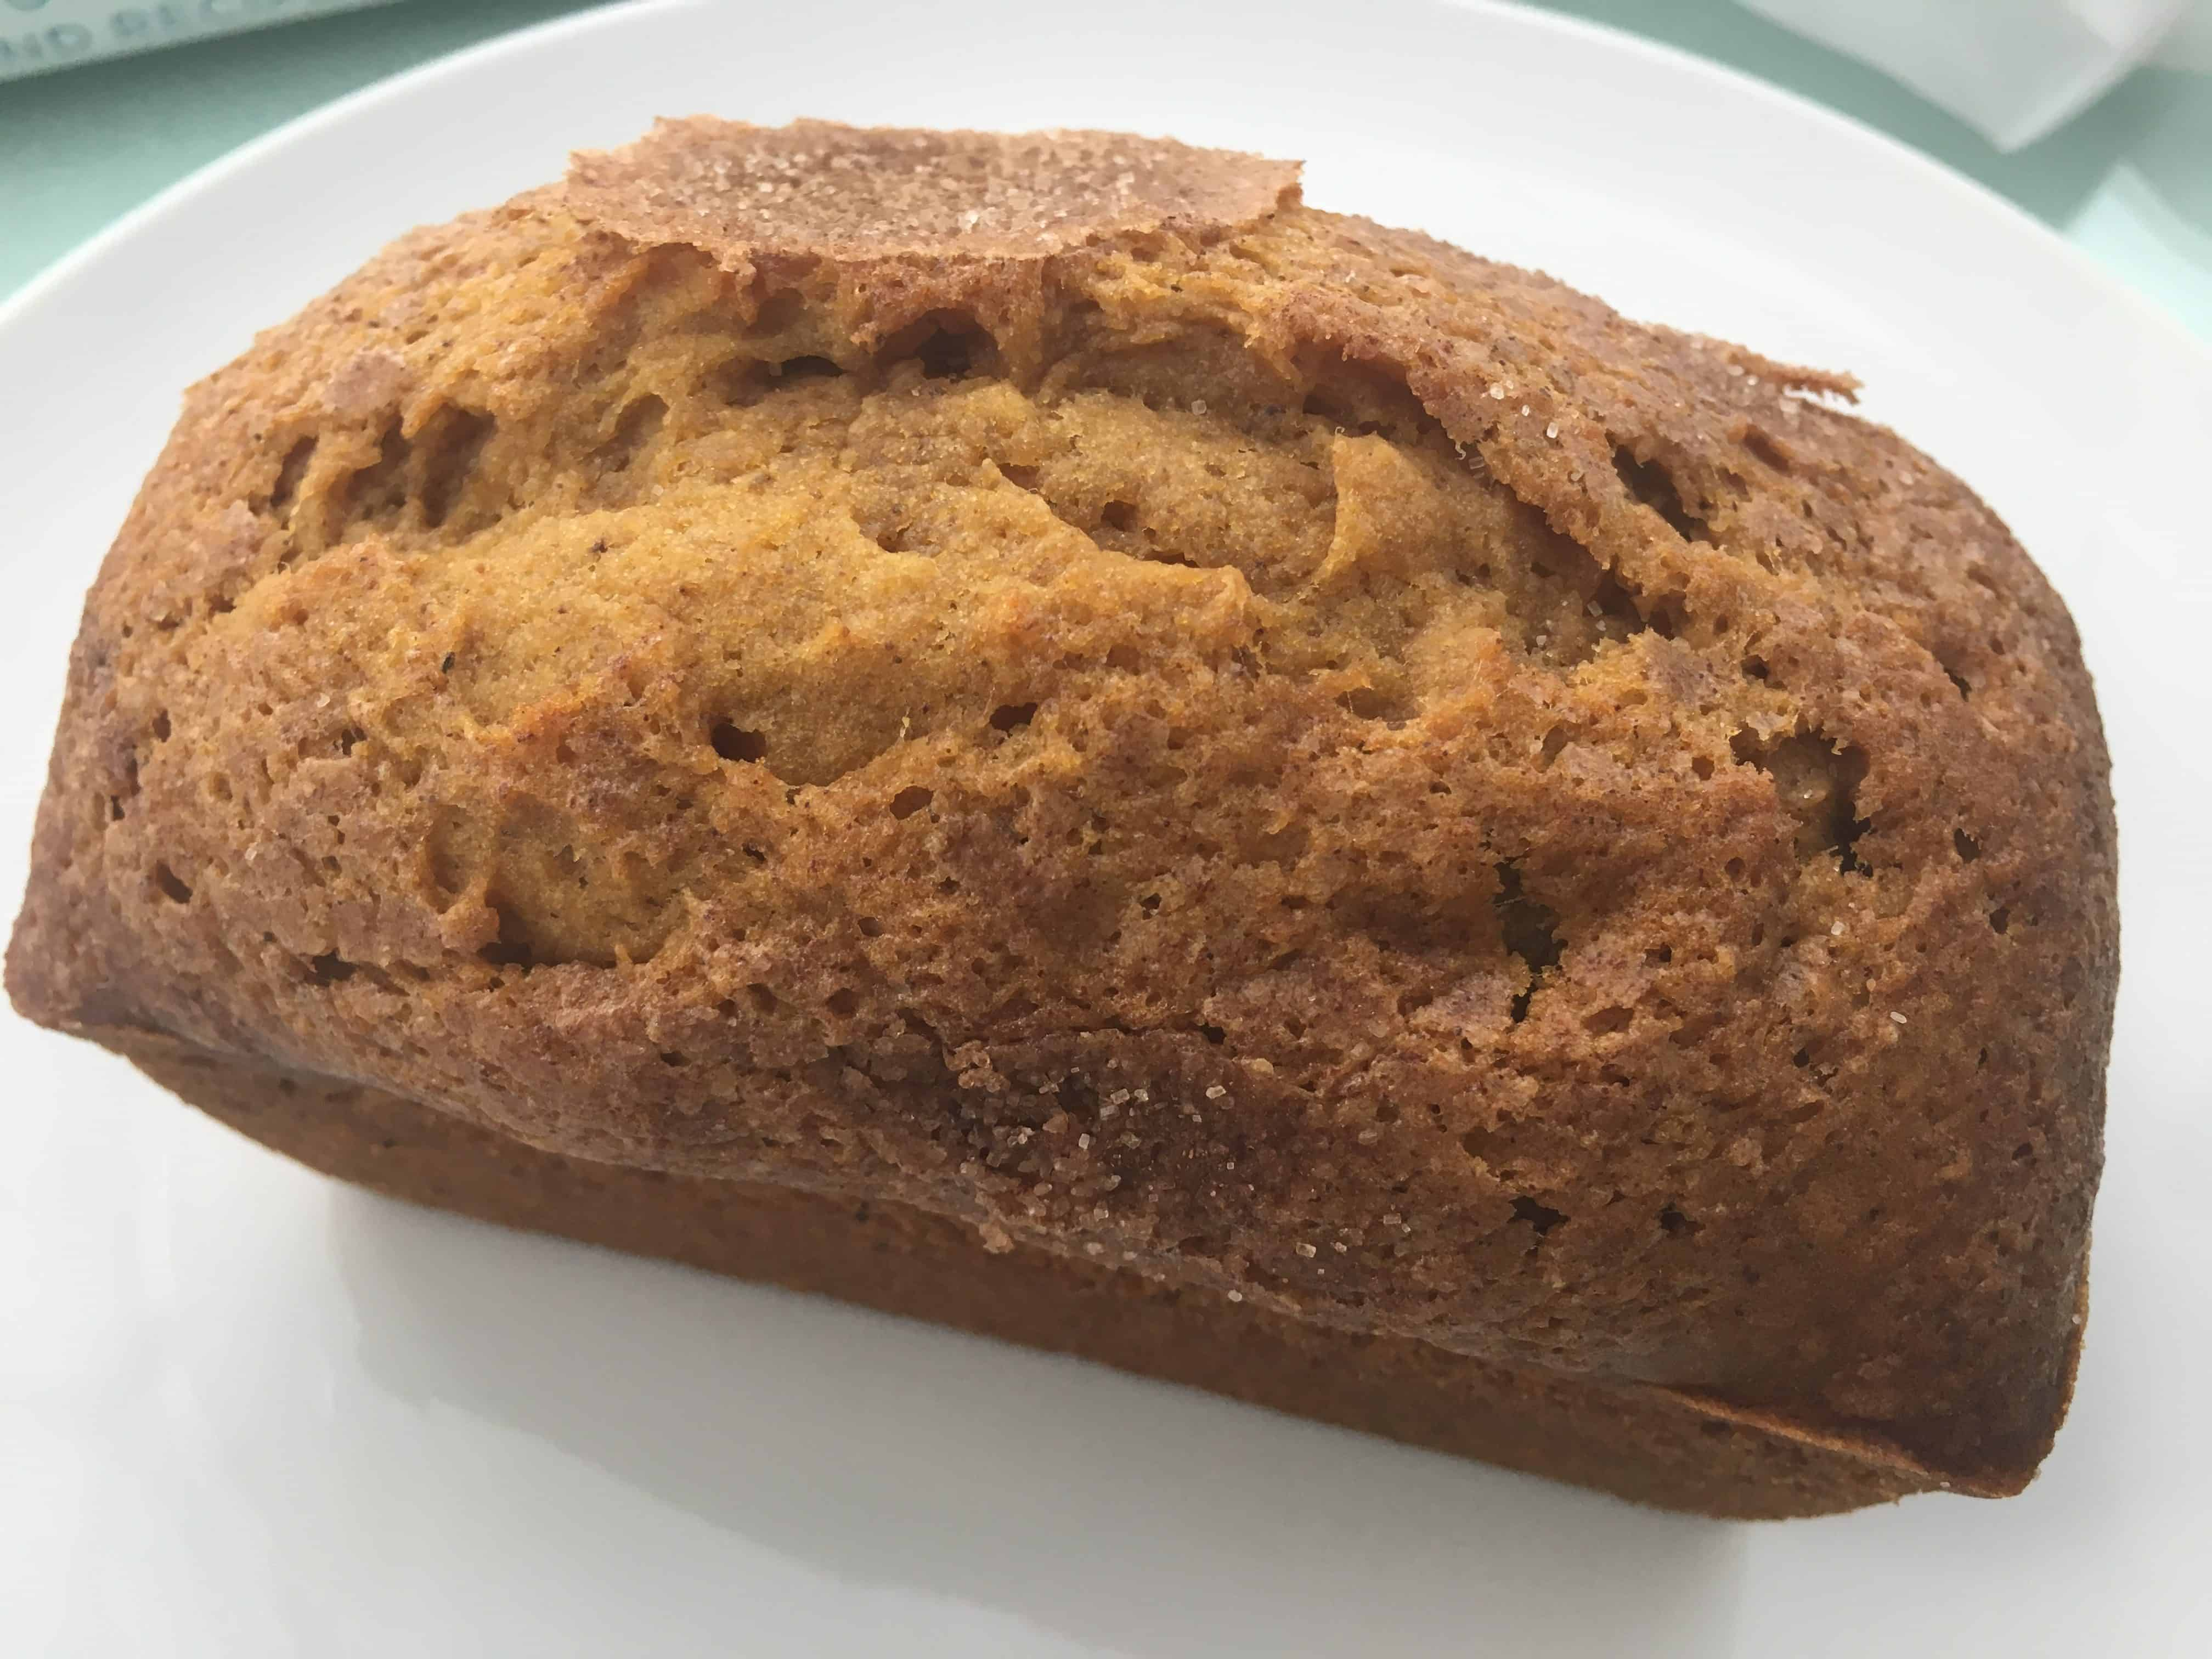 Mini Pumpkin Bread Loaf on a plate